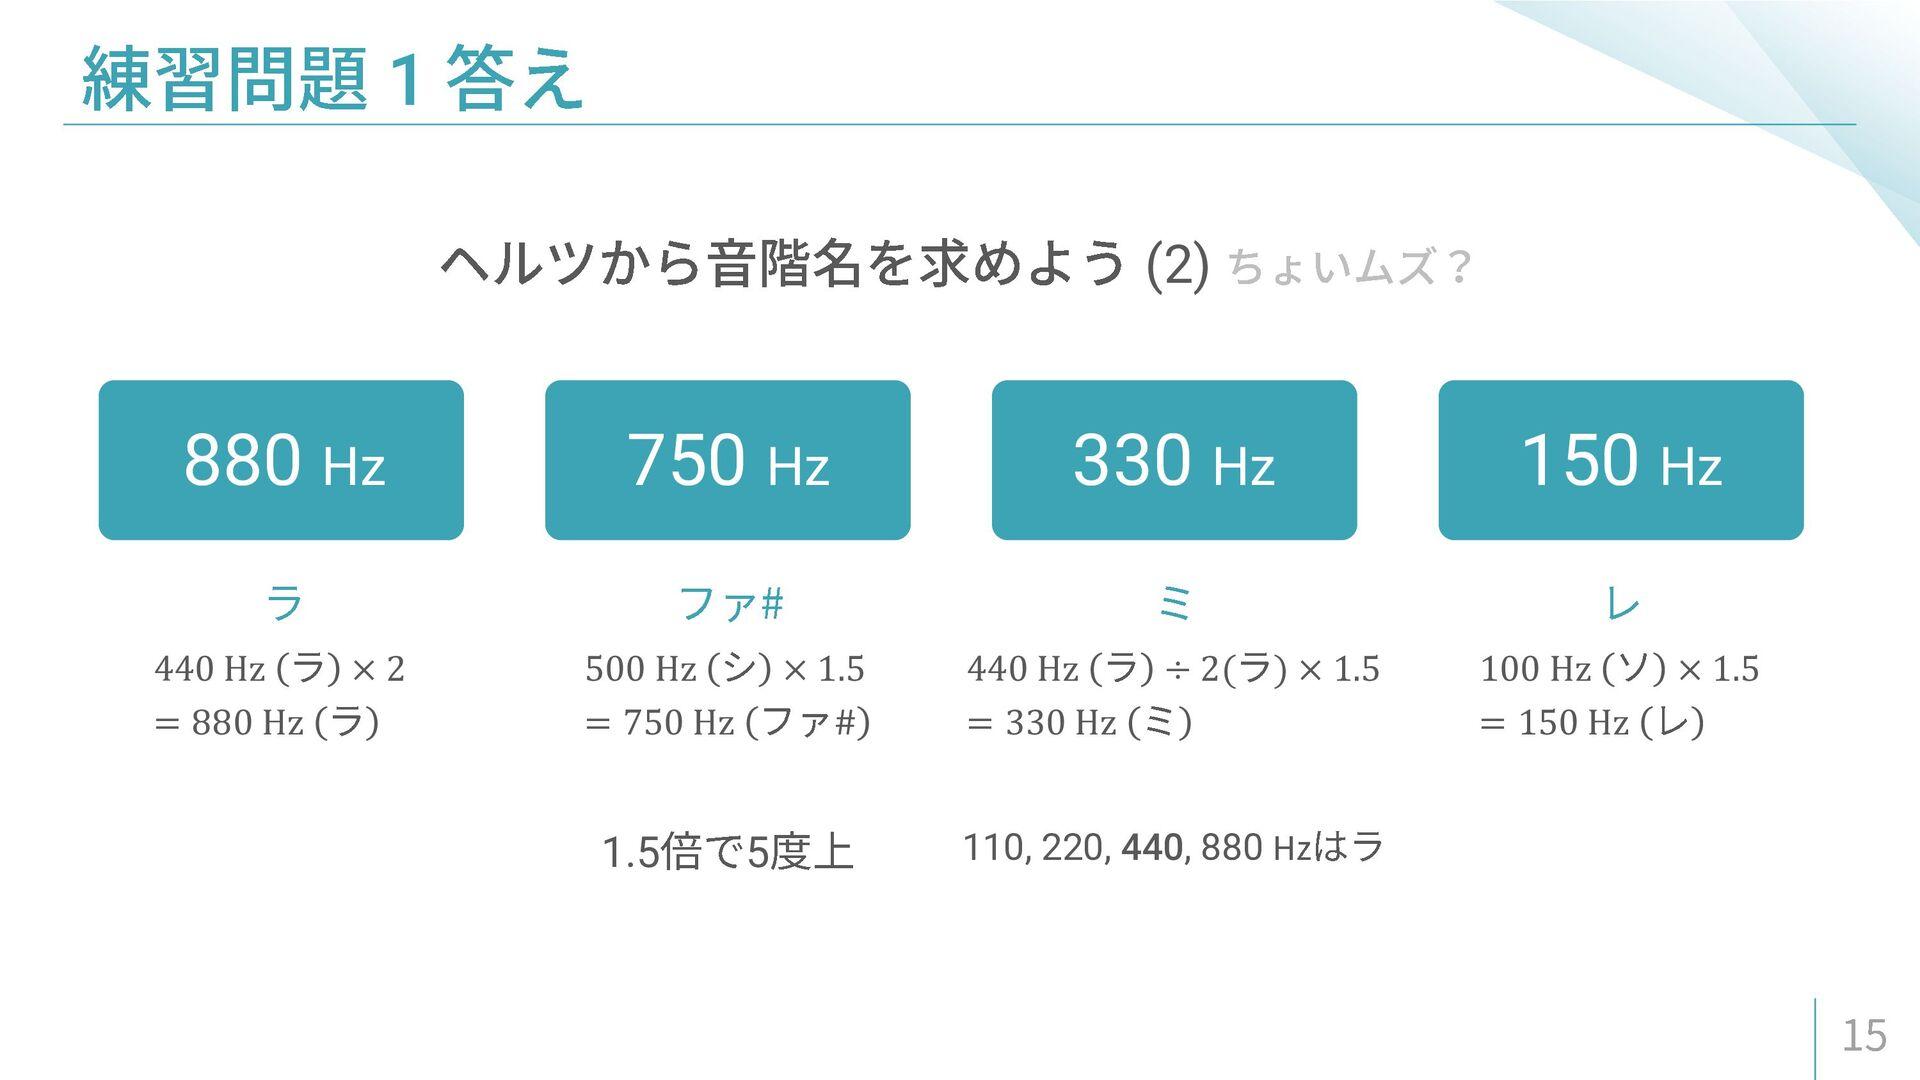 440 Hz × 2 = 880 Hz 500 Hz × 1.5 = 750 Hz # 440...